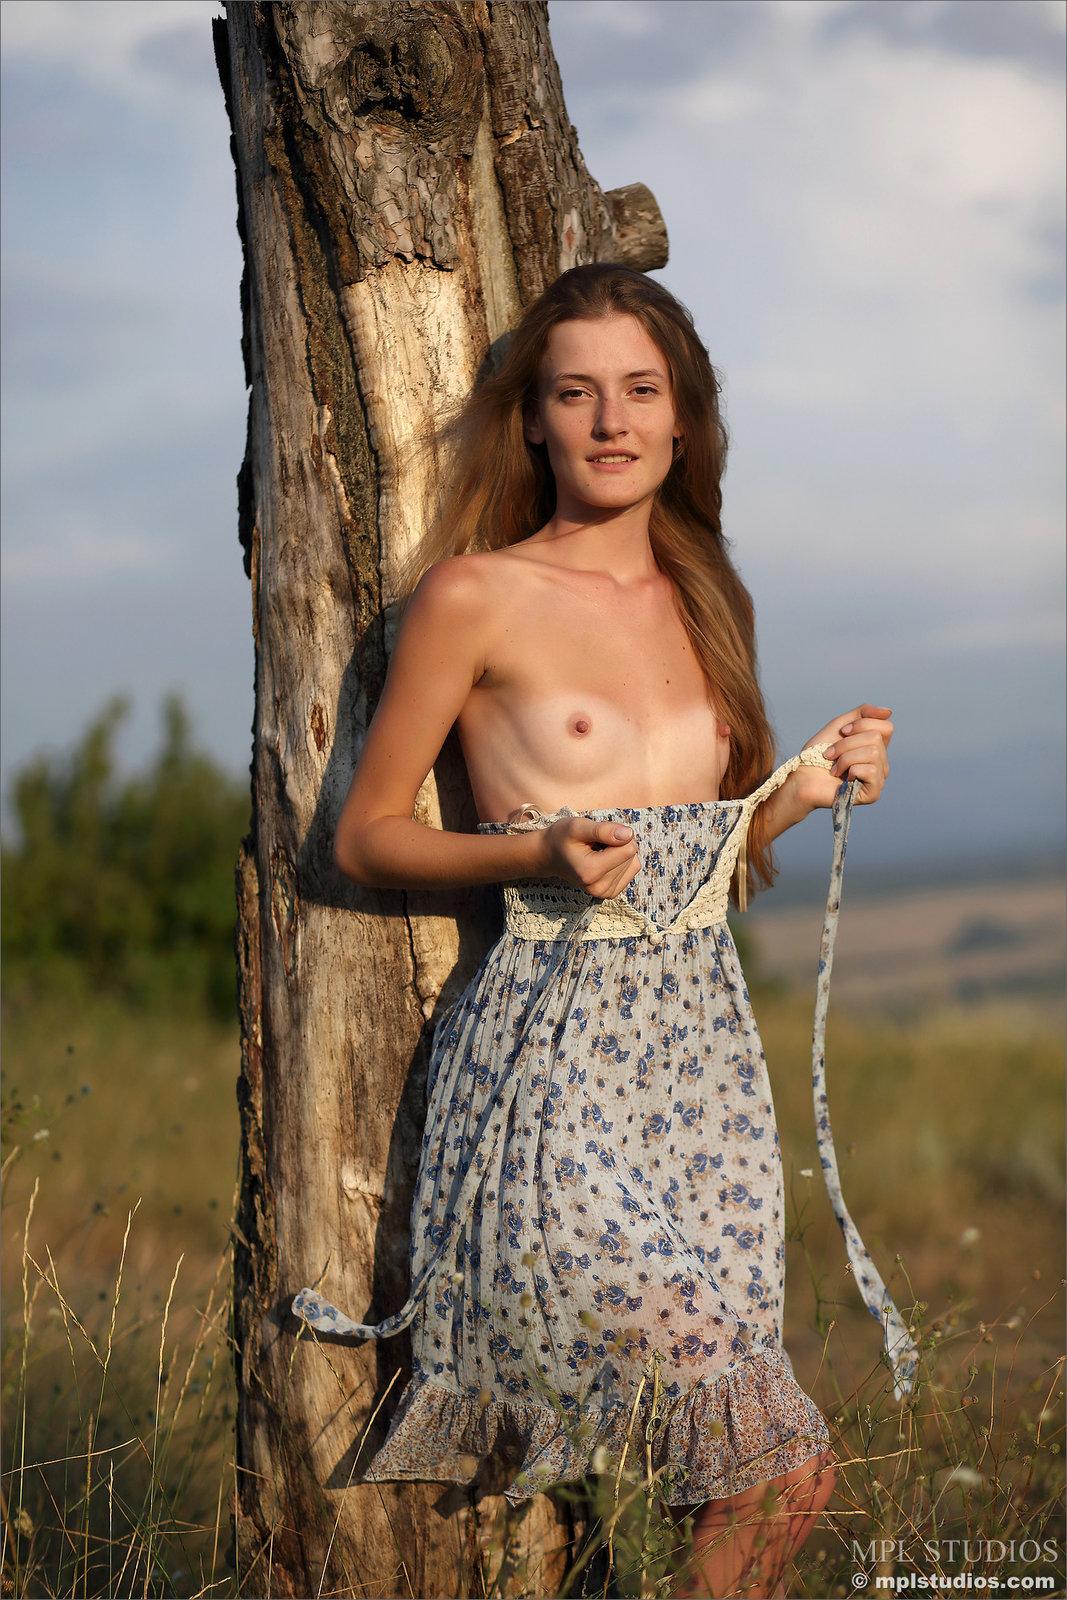 Zdjęcie porno - 045 - Laseczka na łące ma sterczące piersi